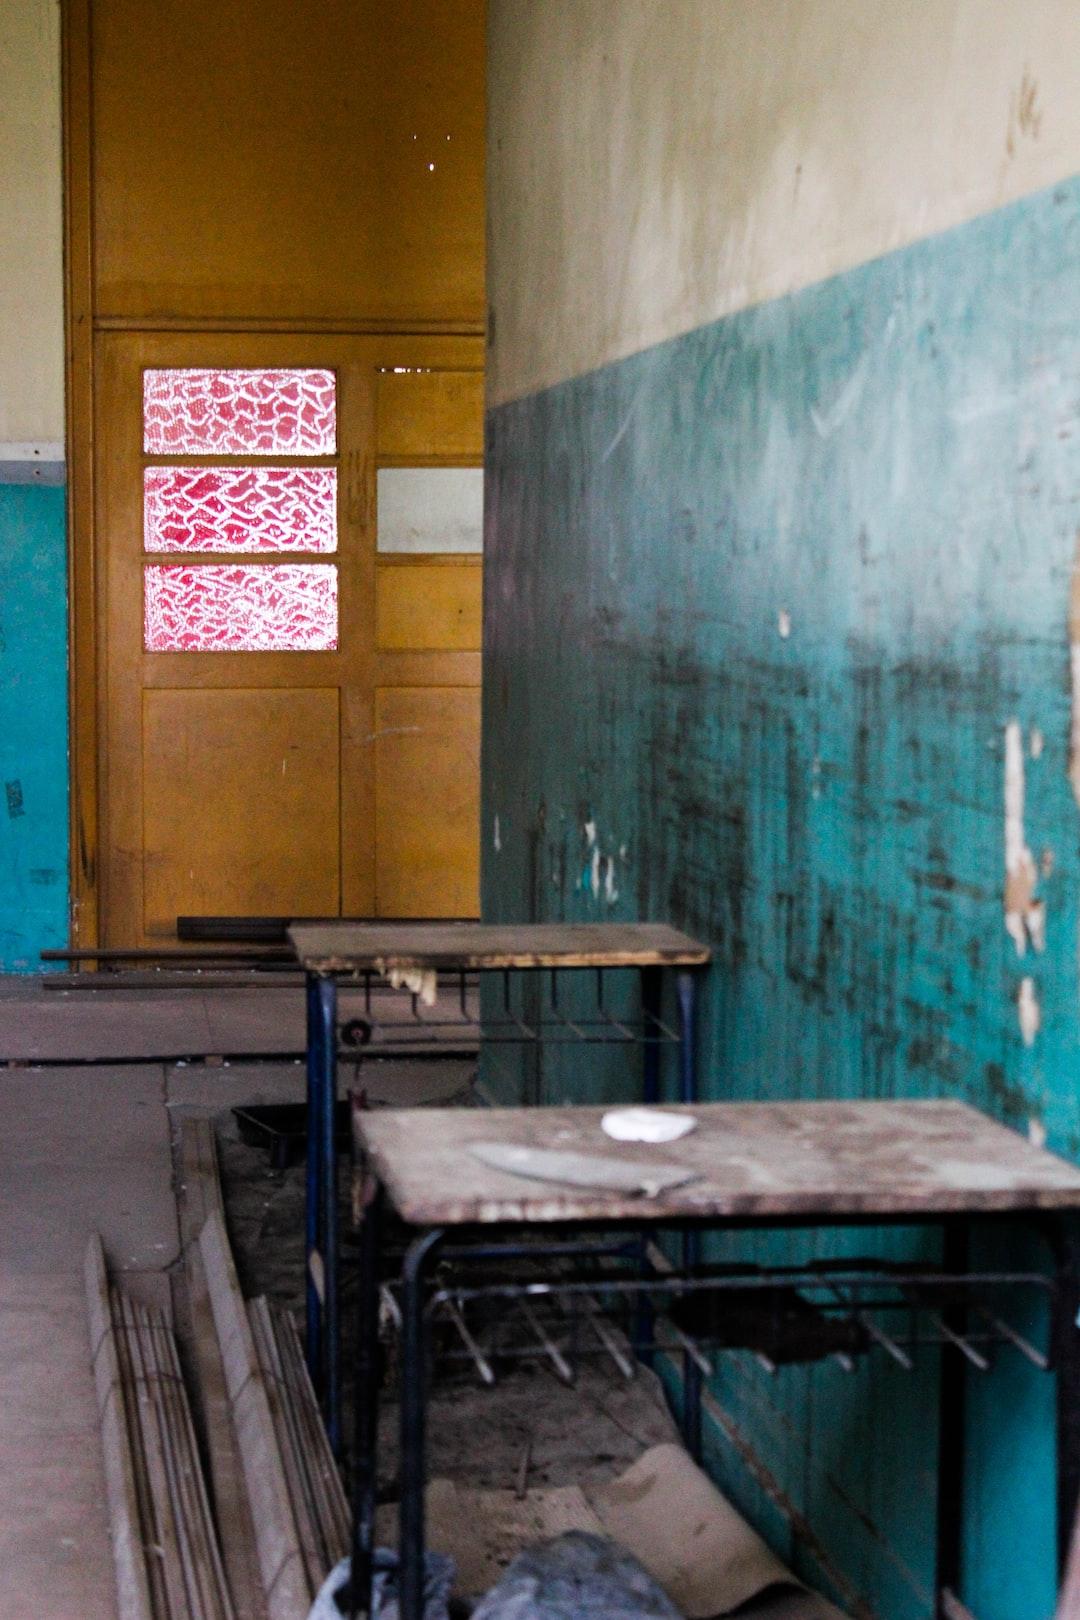 Some school in Brazil